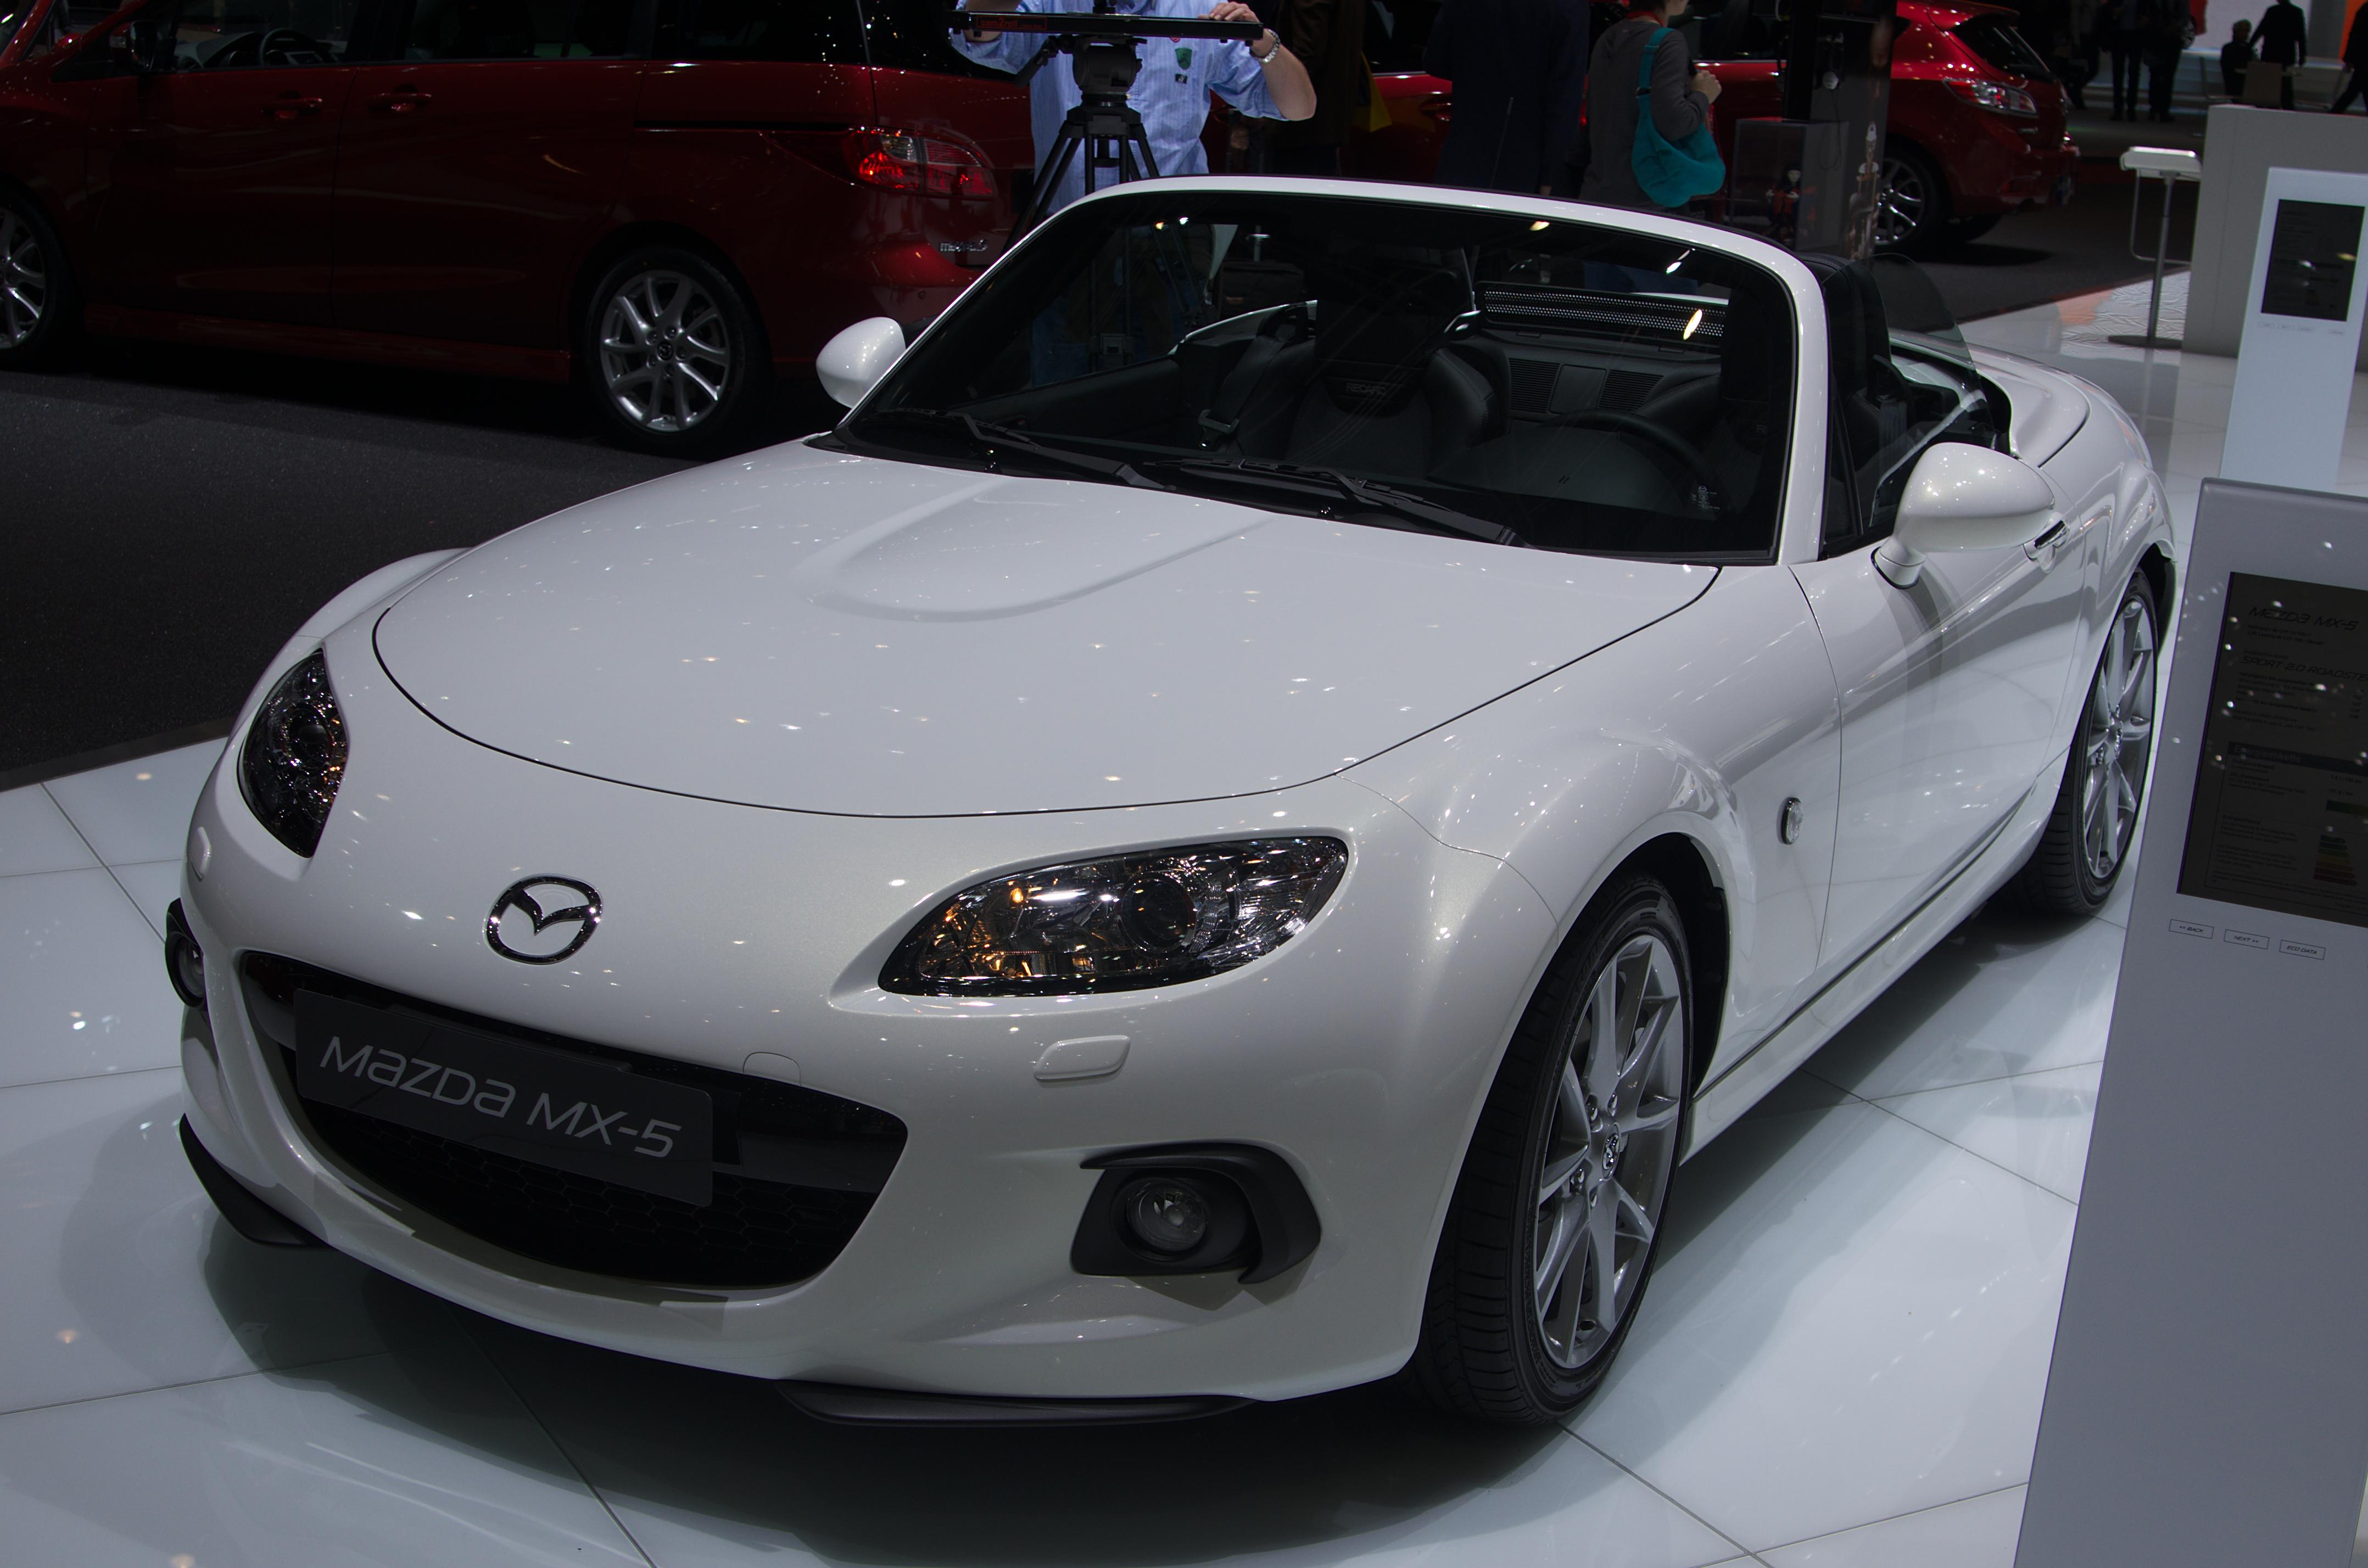 File:Geneva MotorShow 2013 - Mazda MX-5.jpg - Wikimedia Commons